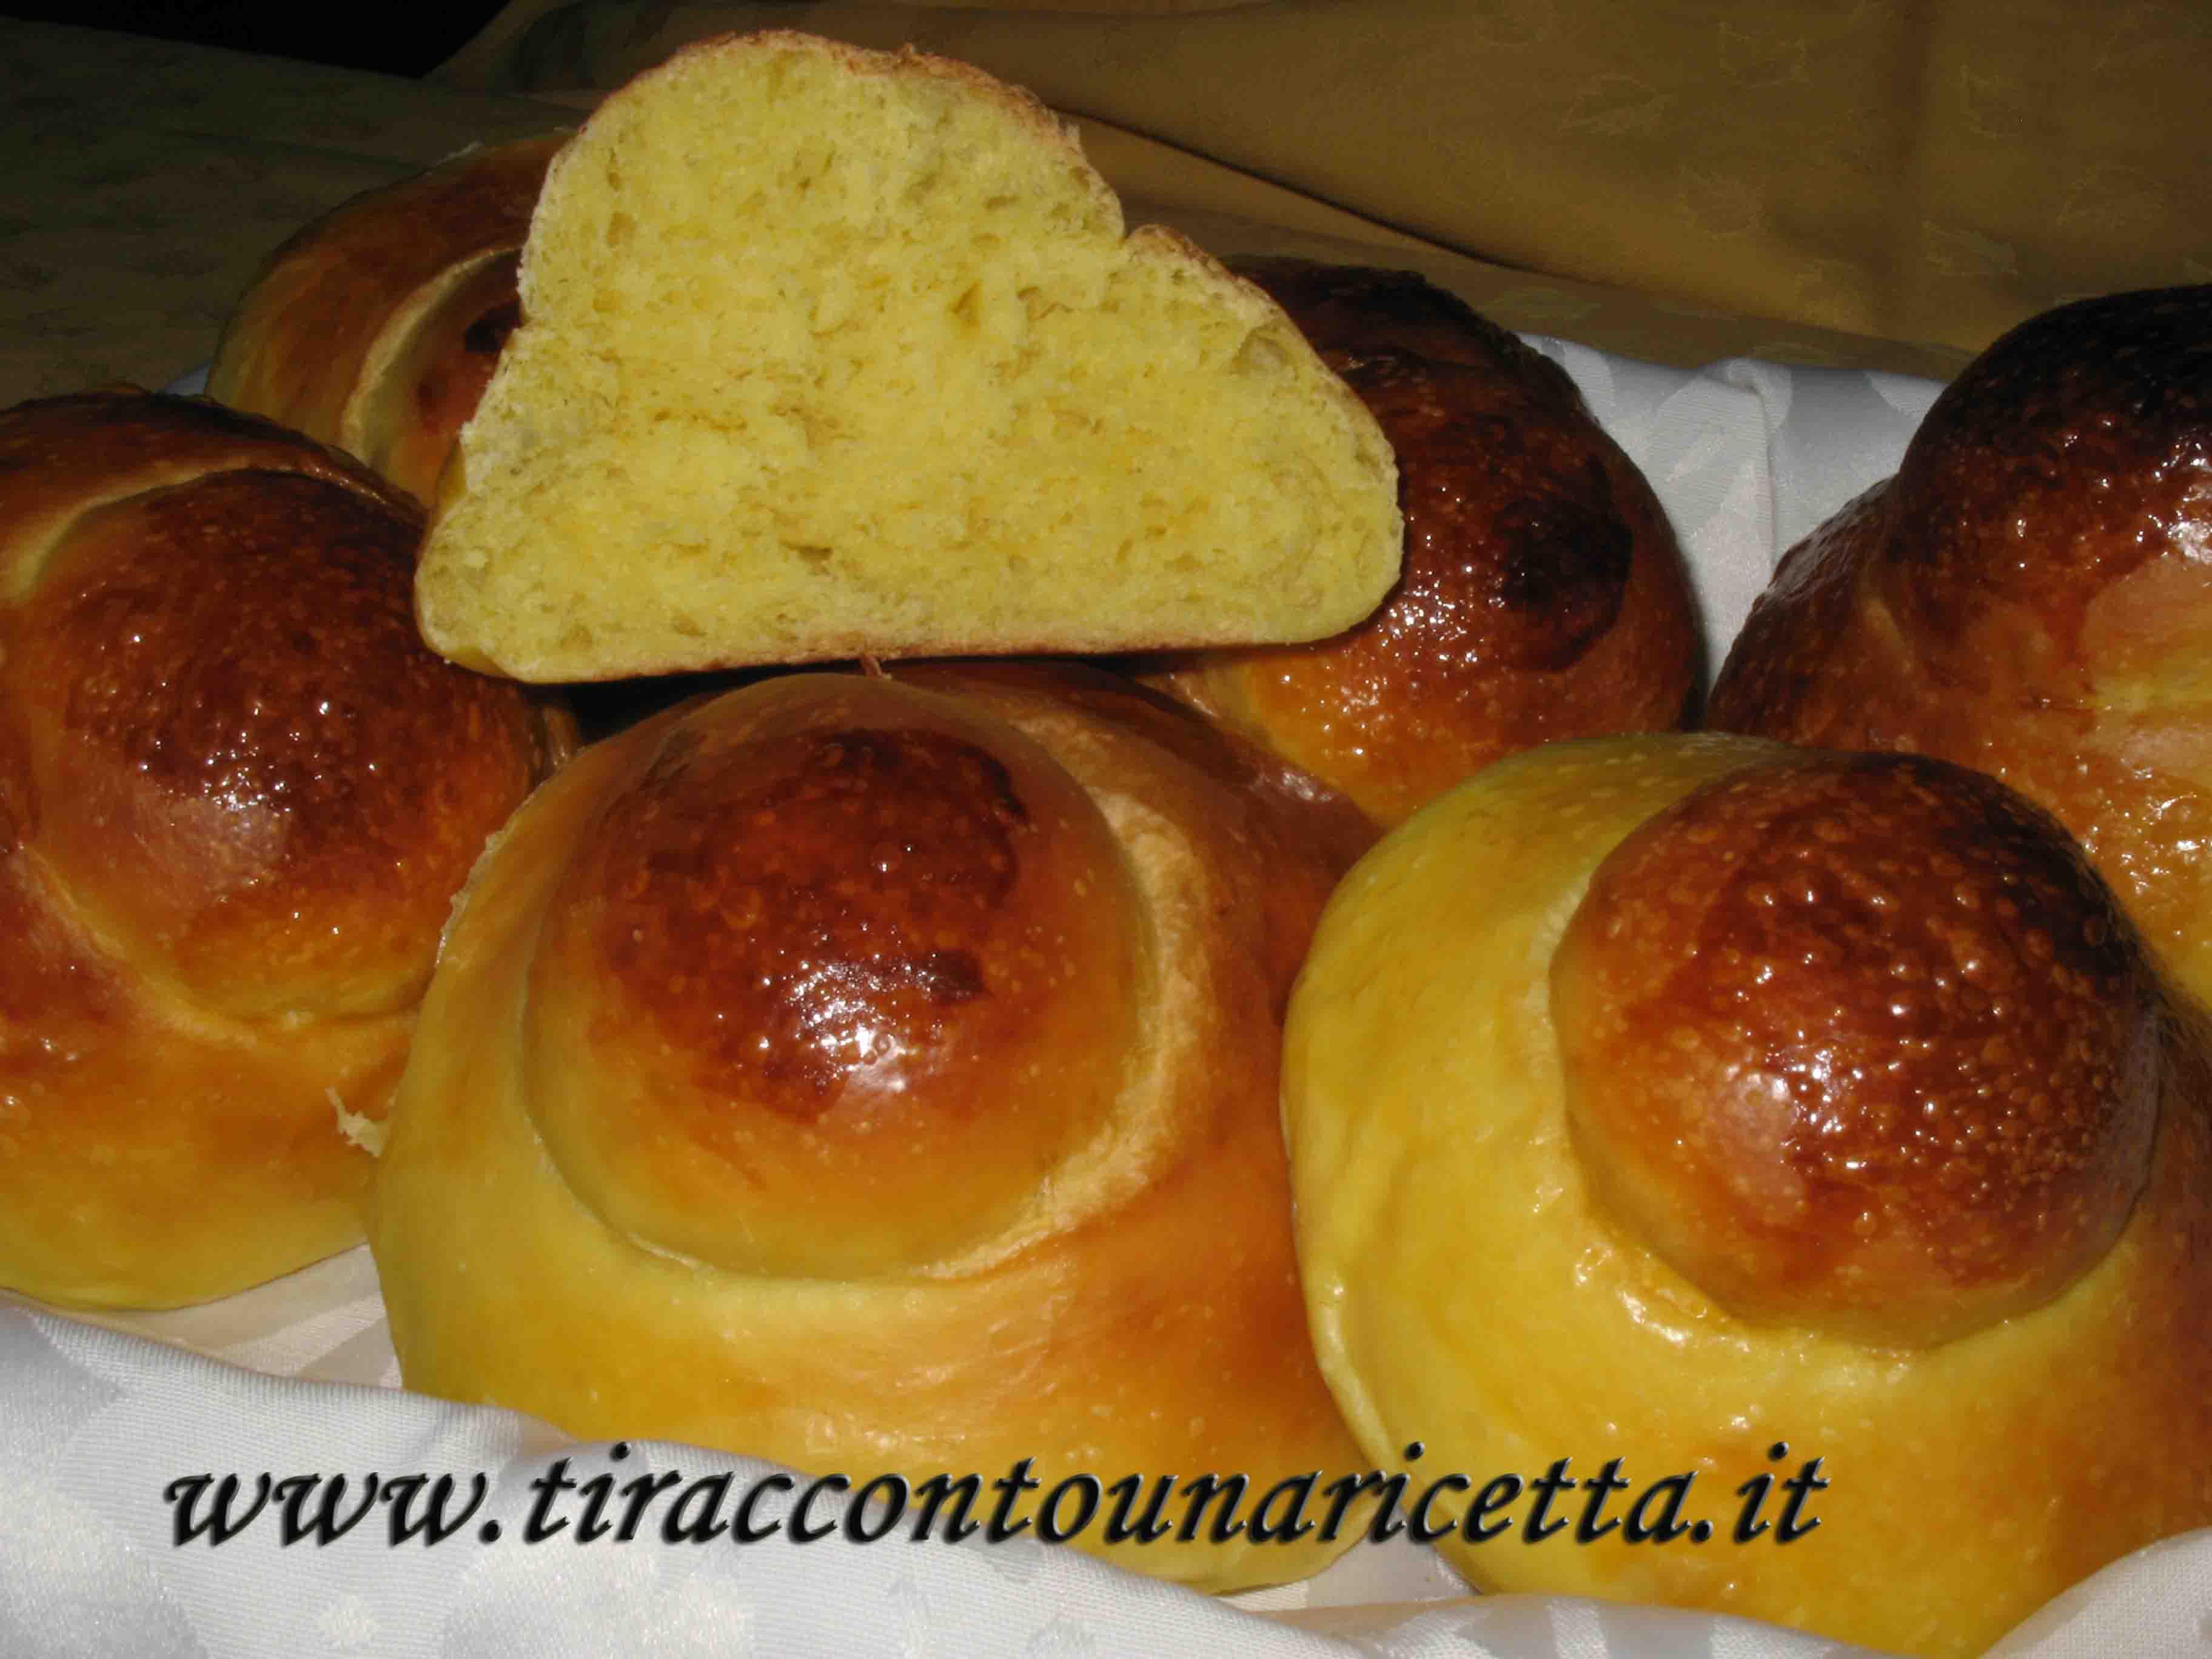 tiraccontounaricetta.it - Sicilian brioche or brioche co tuppu